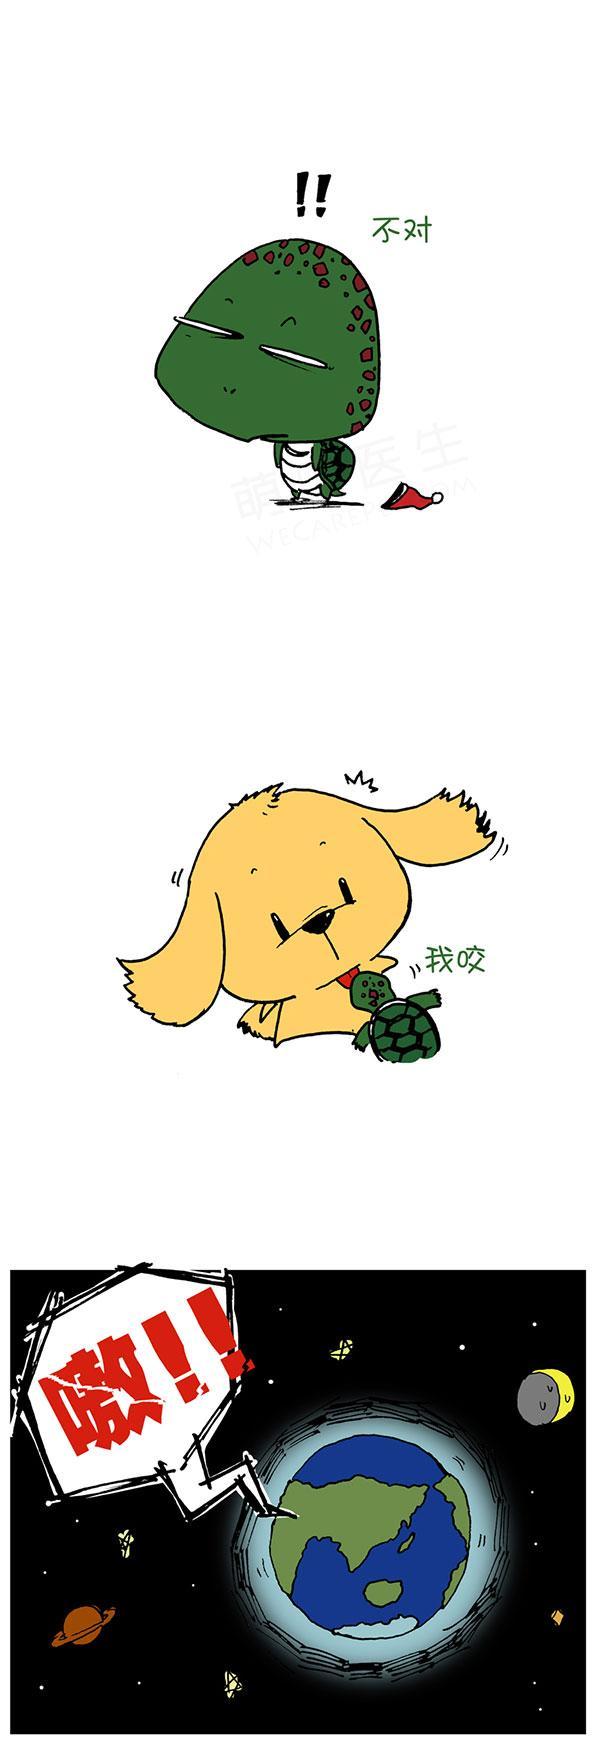 老妈的怪癖—乌龟和狗狗小插曲